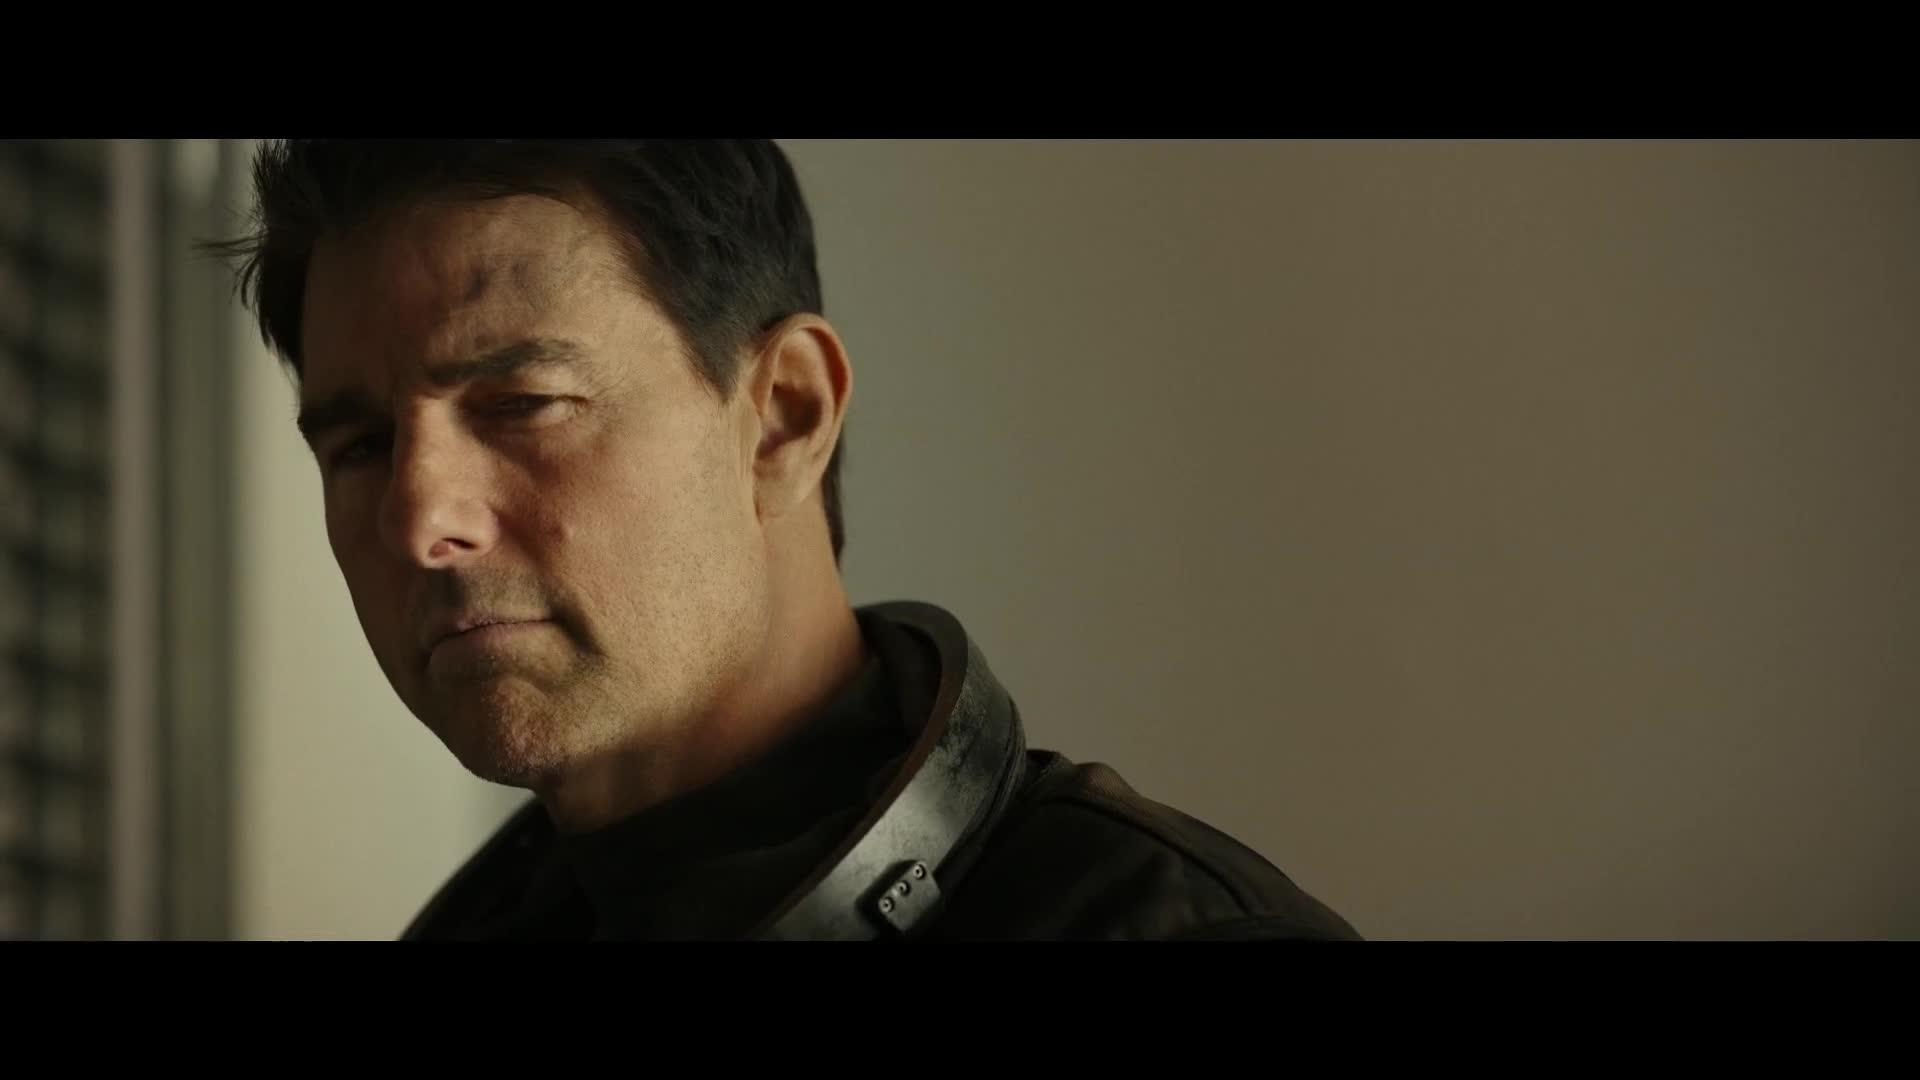 Trailer, Kino, Kinofilm, Comic-Con, SDCC, Sdcc 2019, Tom Cruise, Top Gun, Comic-Con 2019, Top Gun Maverick